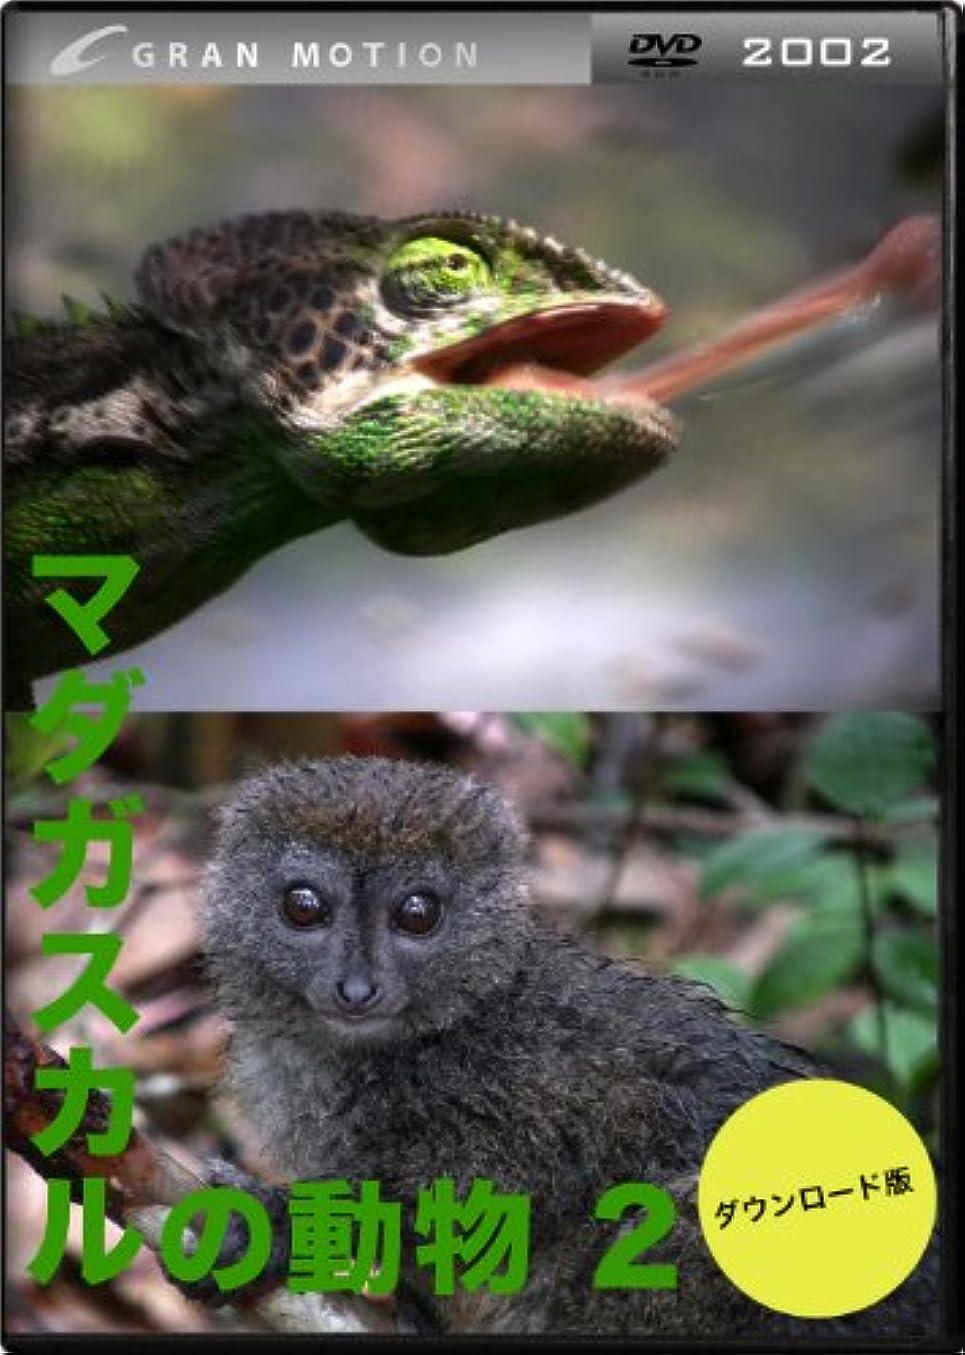 バルーンオフセットぴかぴかグランモーション 2002 マダガスカルの動物2 [ダウンロード]